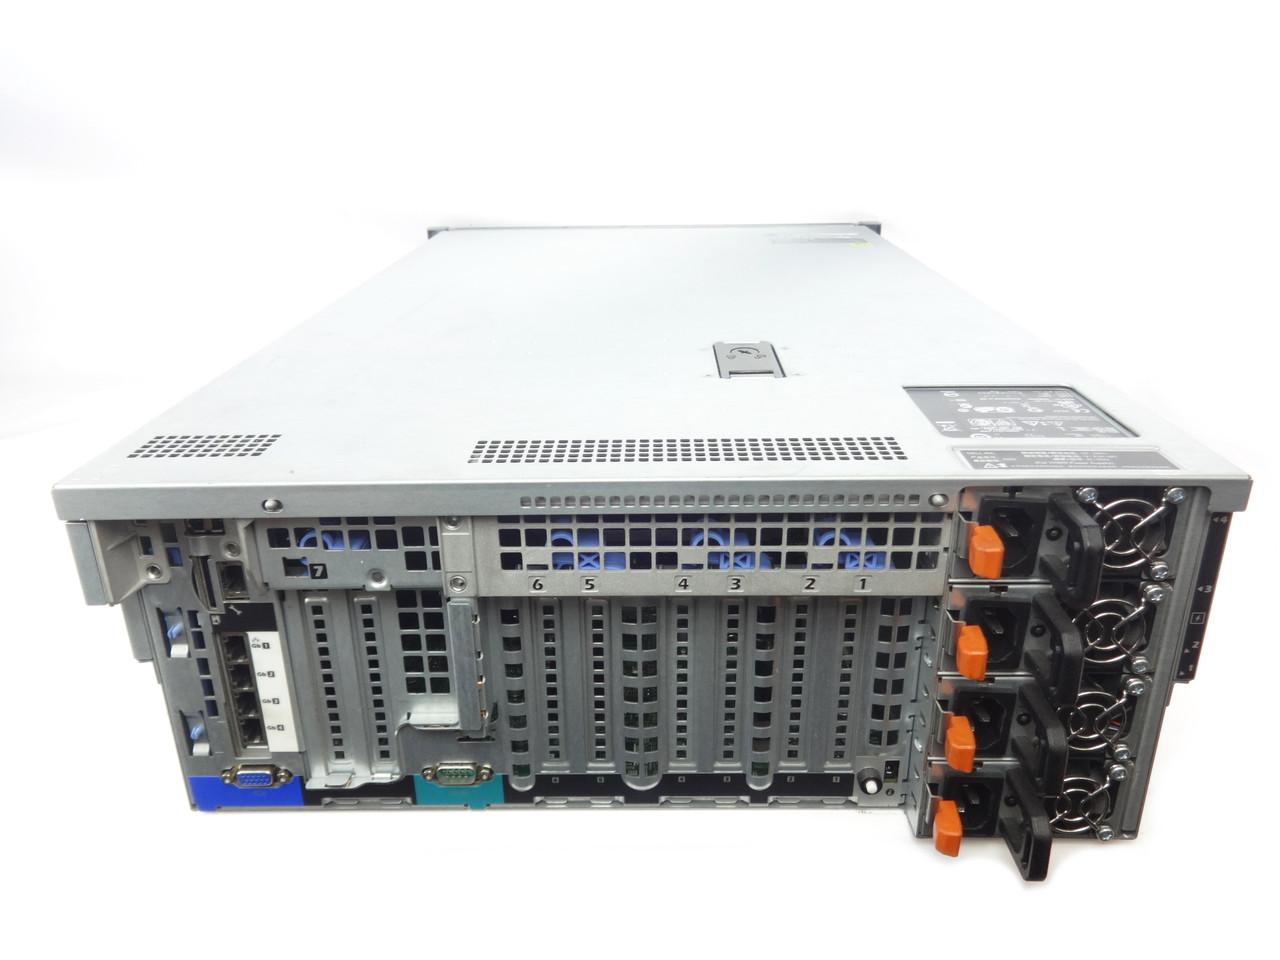 Dell Poweredge R910 4 Bay Server Back